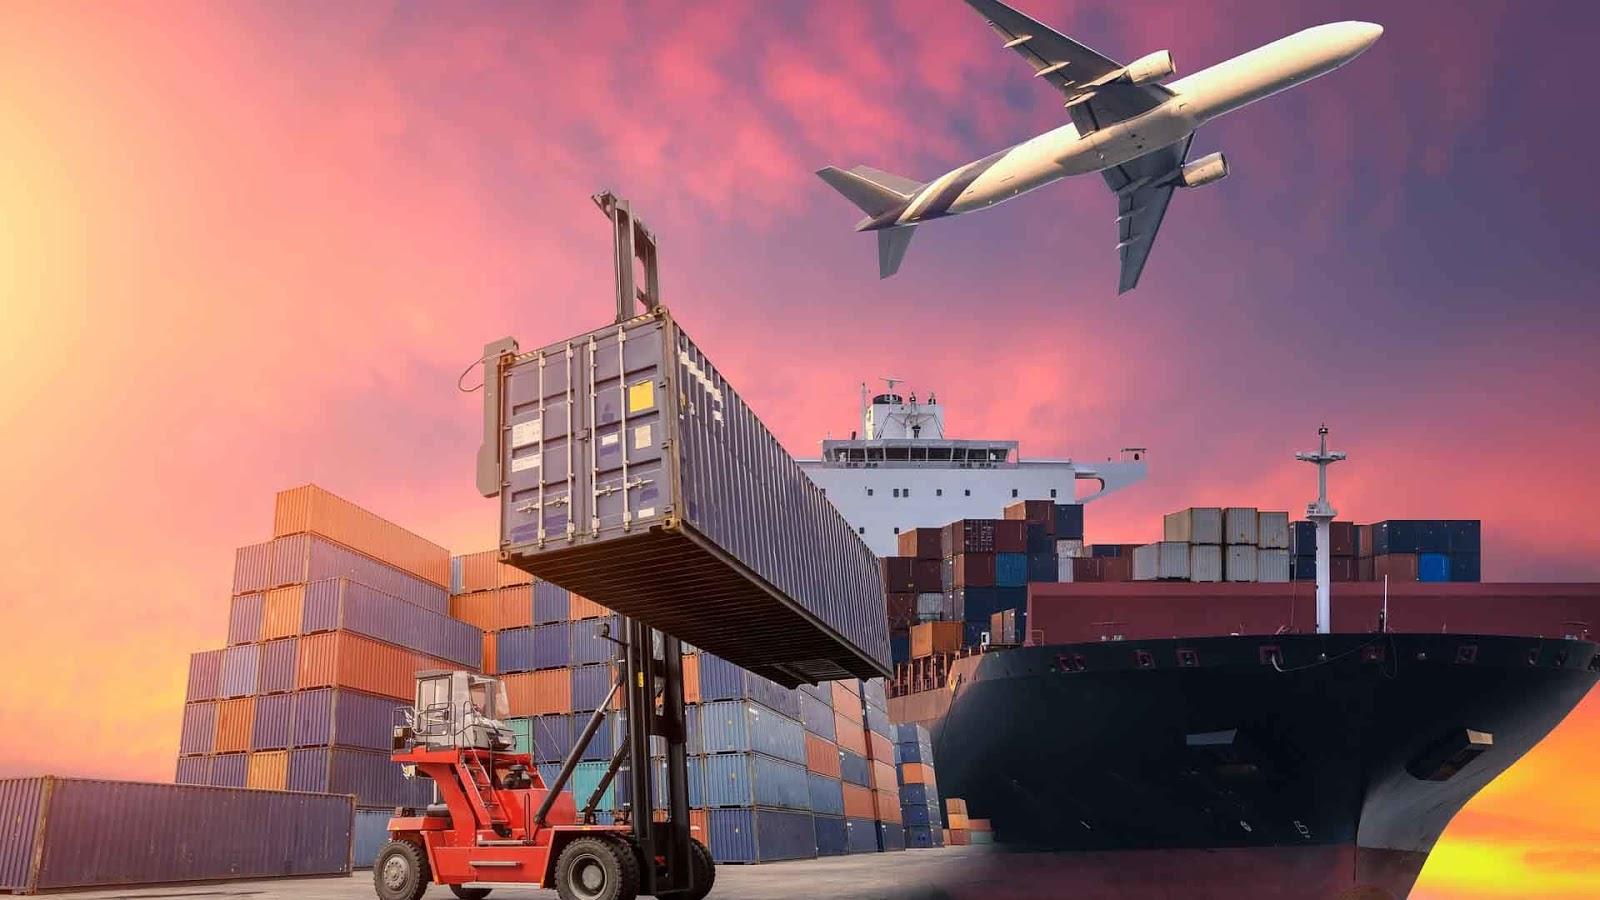 المغرب: أوروبا تعترف بملاءمة الأنظمة الضريبية للصادرات ومناطق التسريع الصناعي لمعايير الحكامة الجيدة